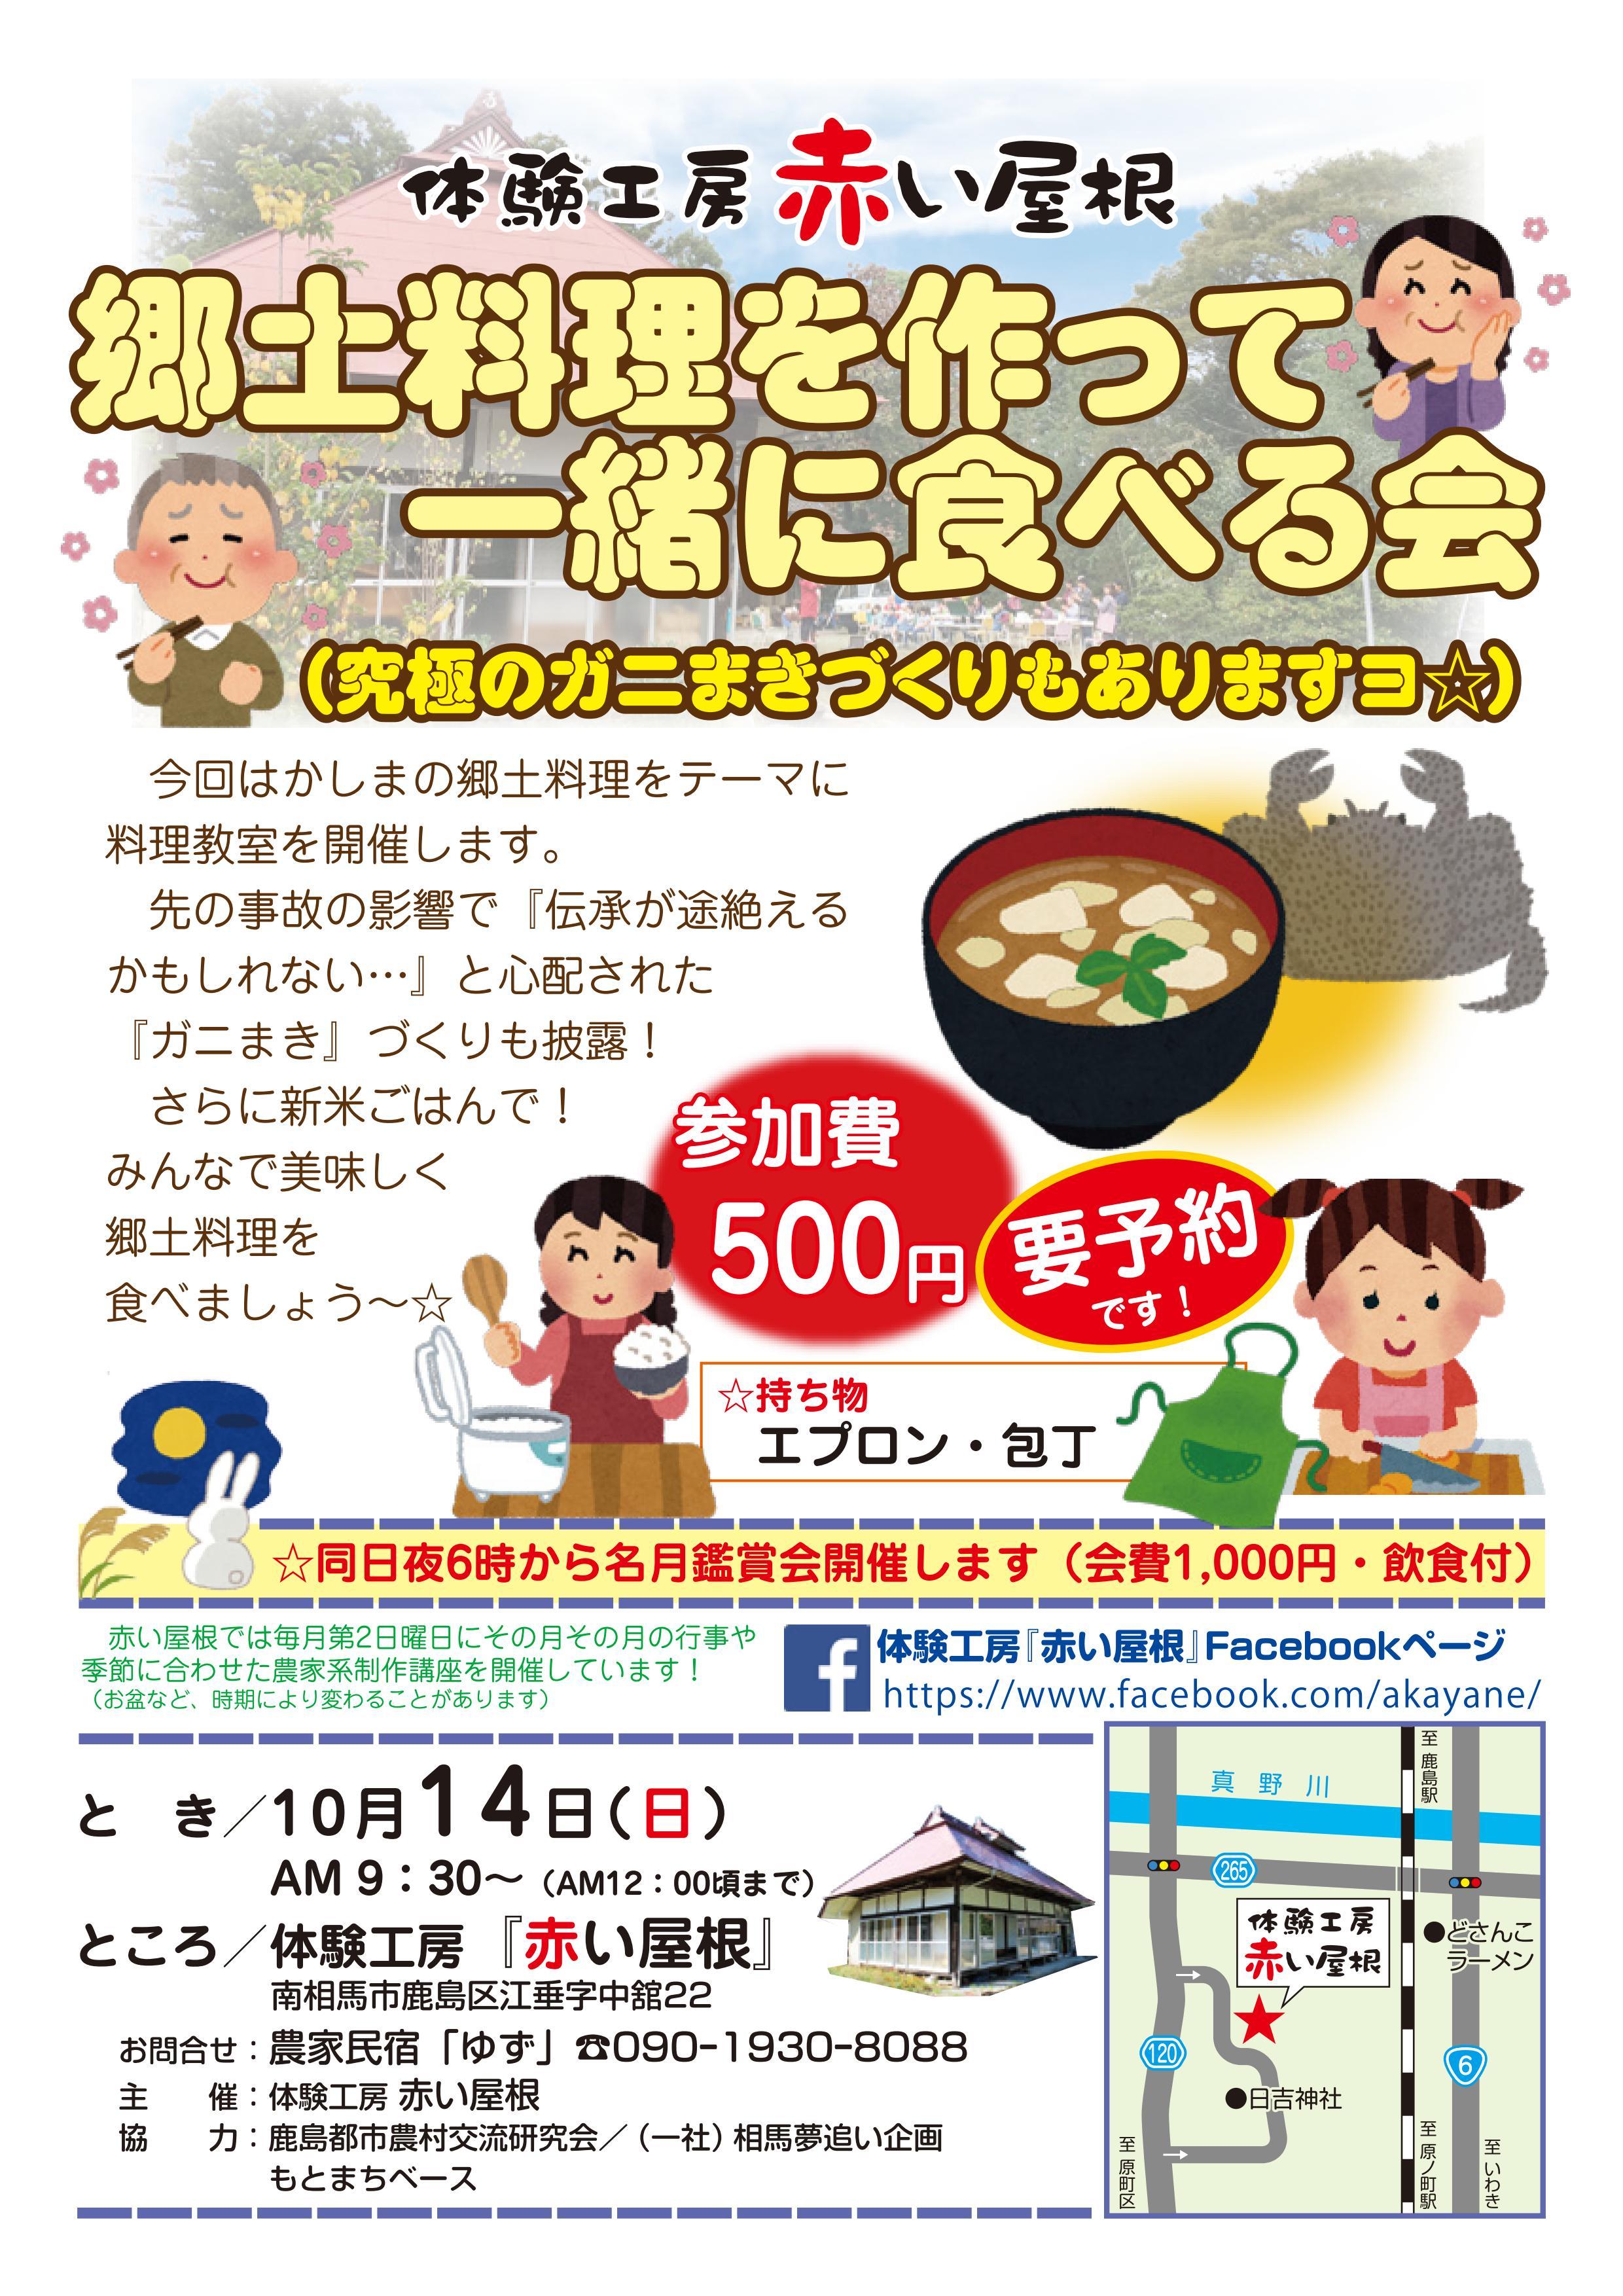 2018.10.142018.9.9体験工房赤い屋根「郷土料理を作って一緒に食べる会」